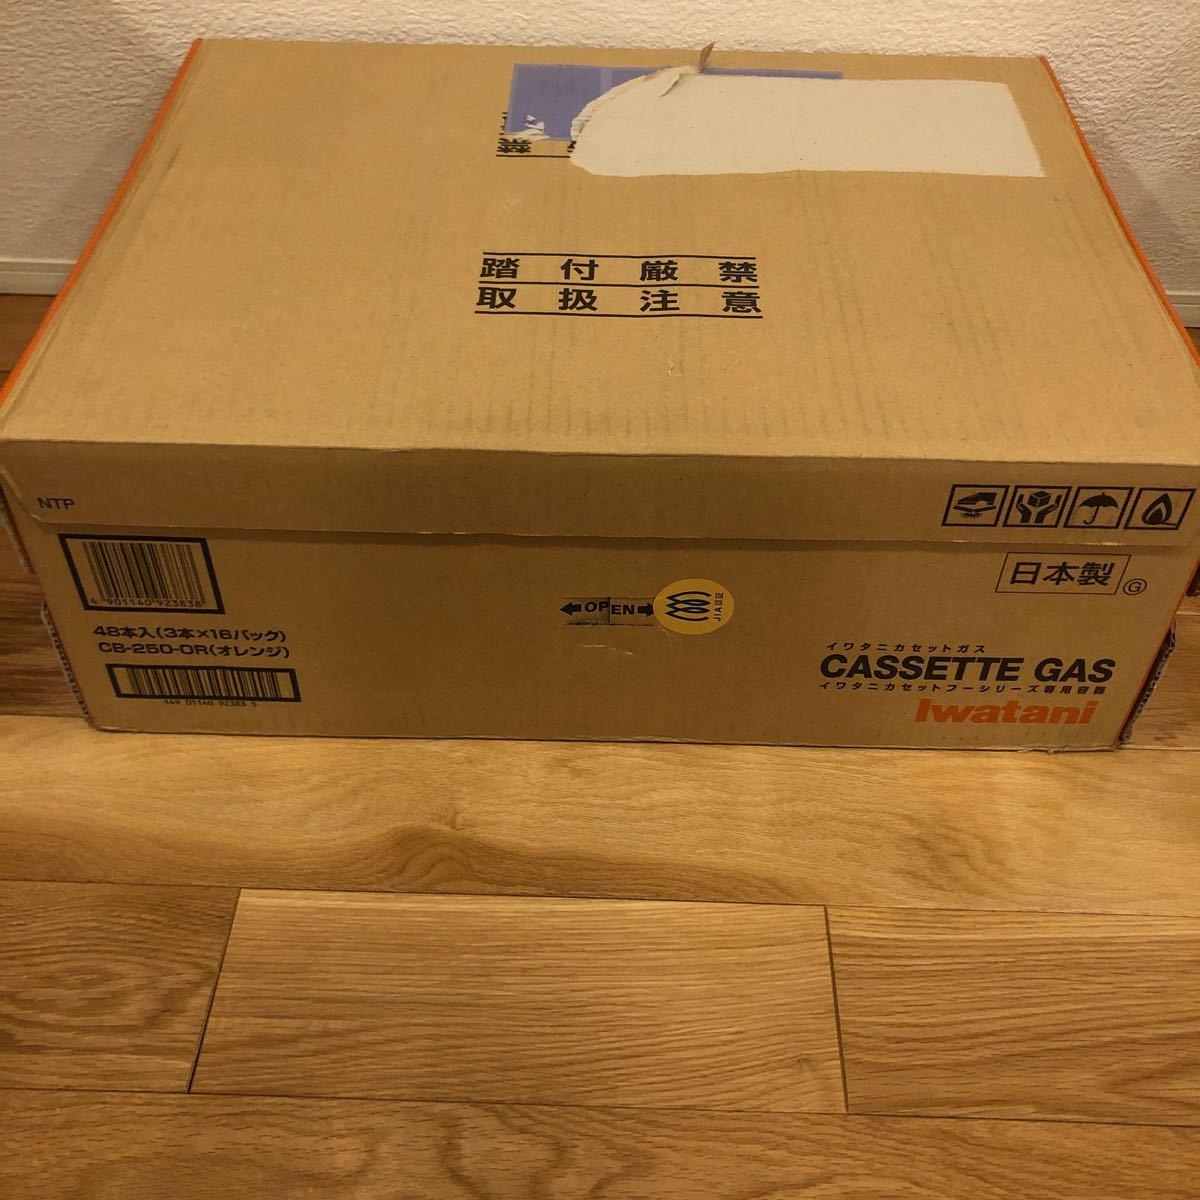 イワタニ (Iwatani) カセットボンベ オレンジ CB-250-OR 1箱 (3本入 × 16パック) カセットガス